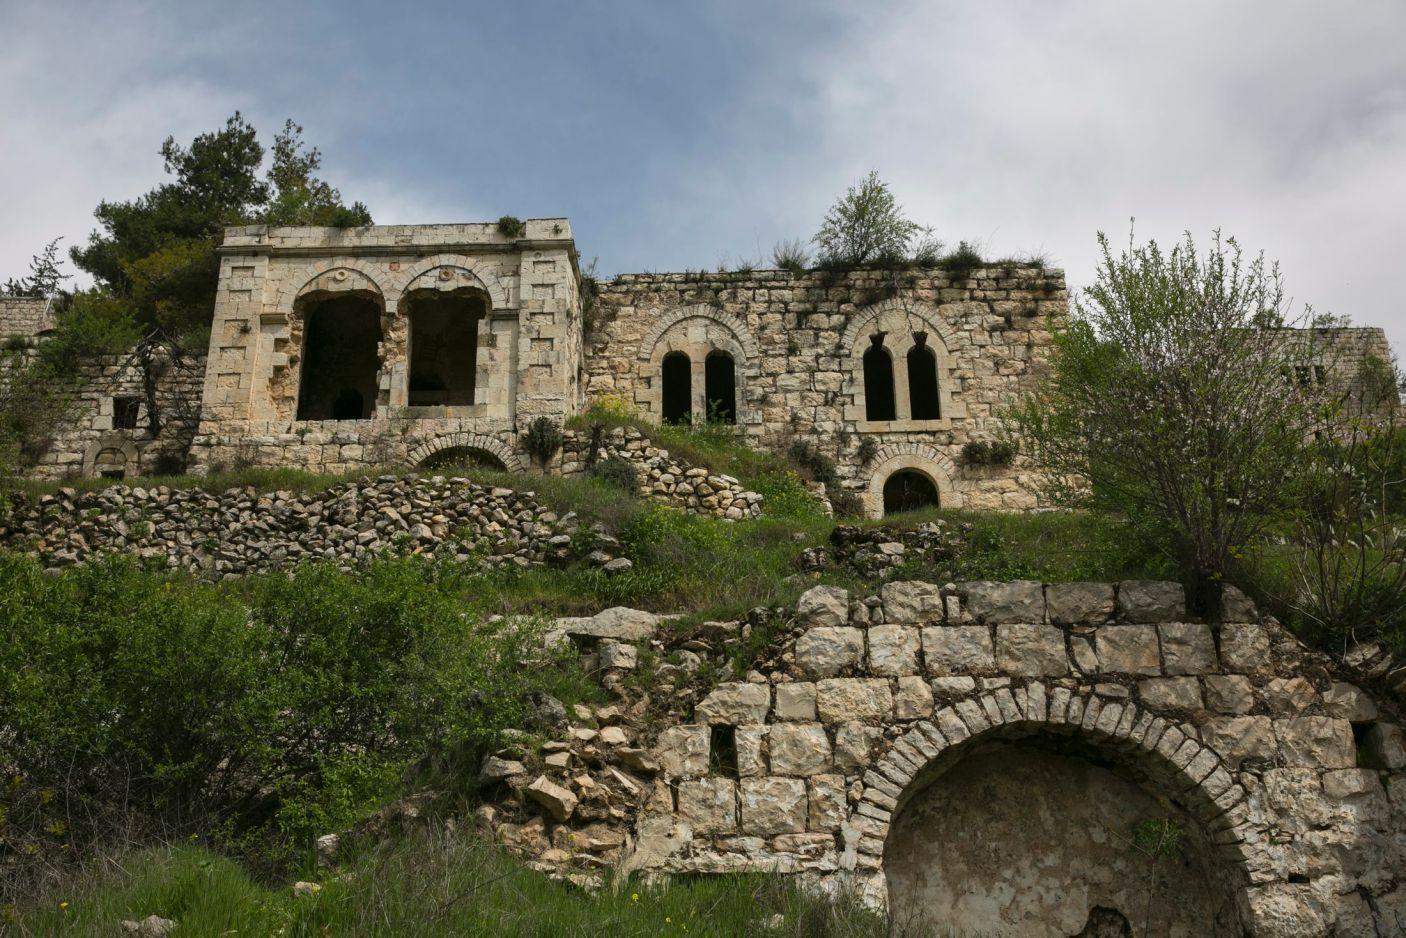 قرية فلسطينية مهجورة في القدس معلم مهدد بالانقراض!